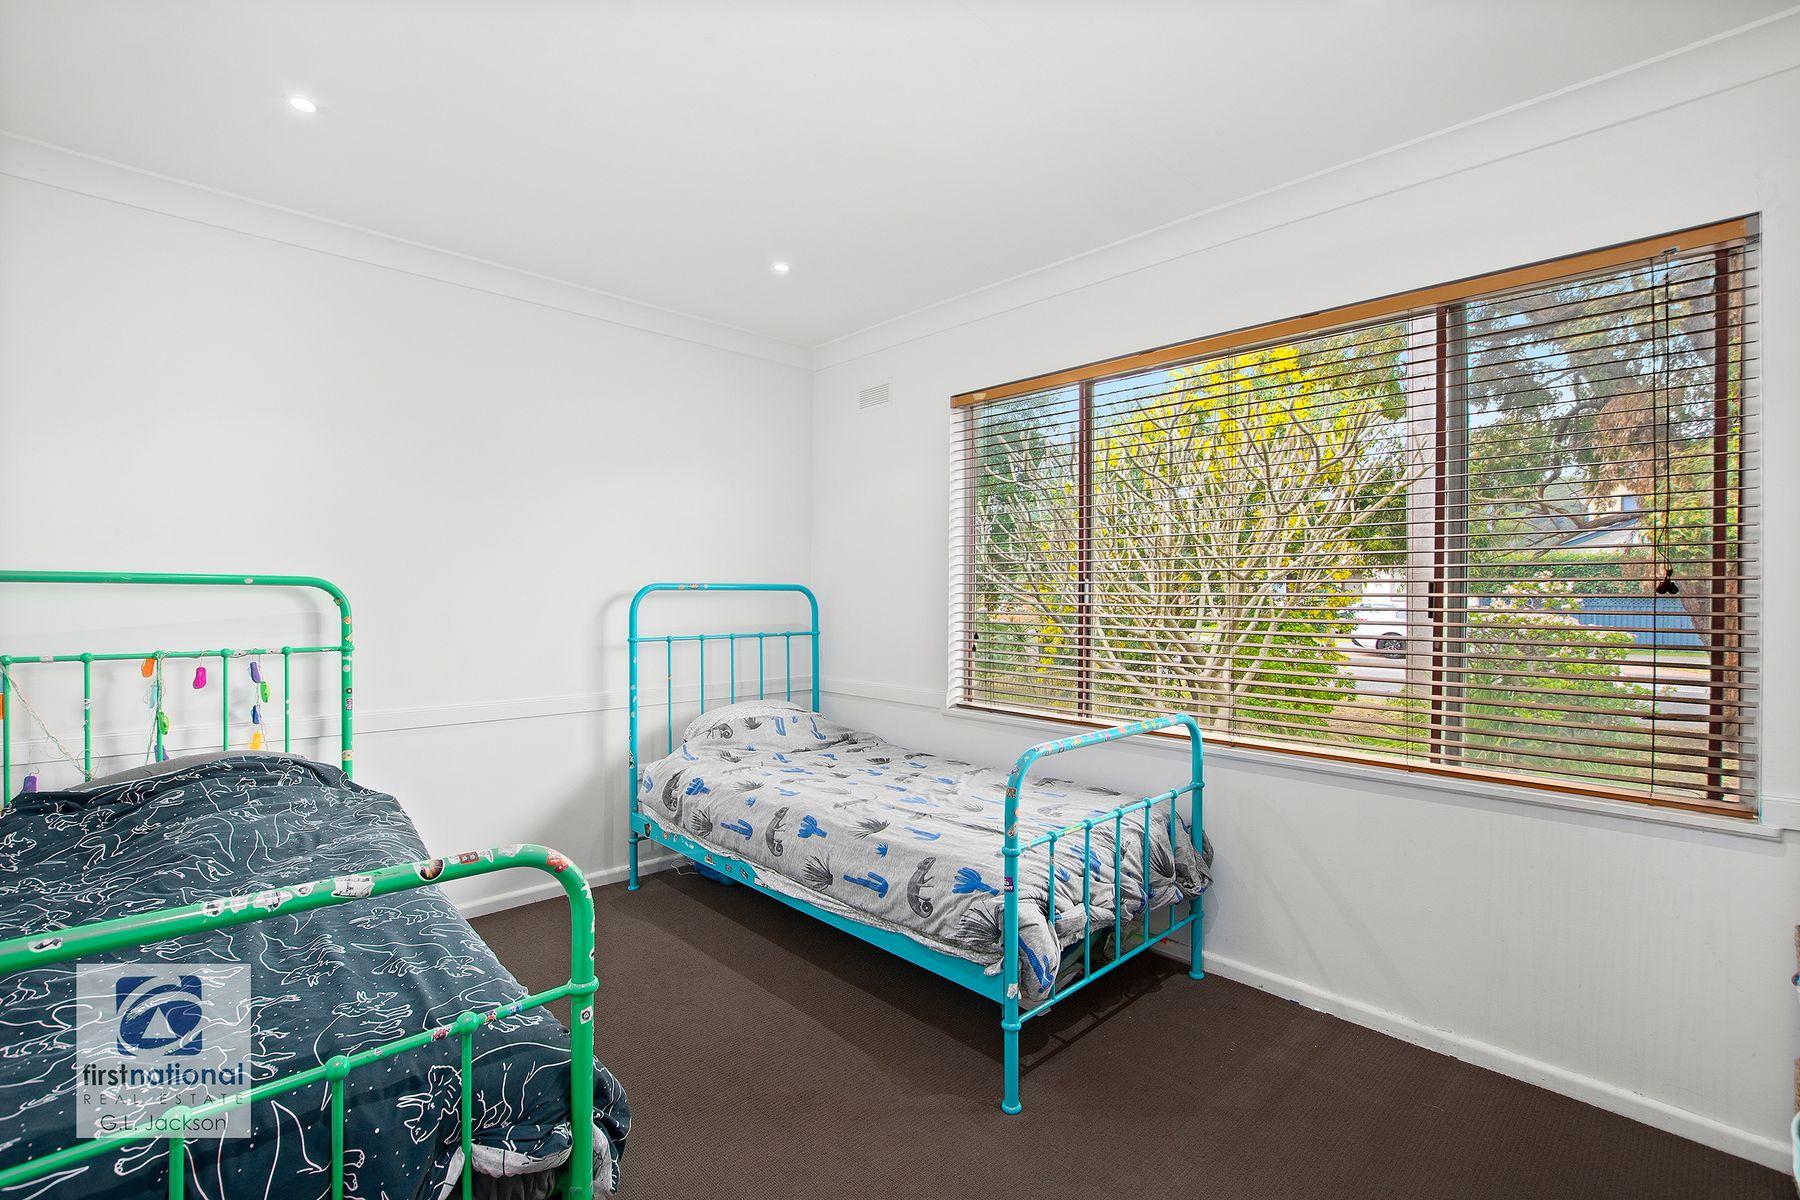 91 Trafalgar Avenue, Woy Woy, NSW 2256